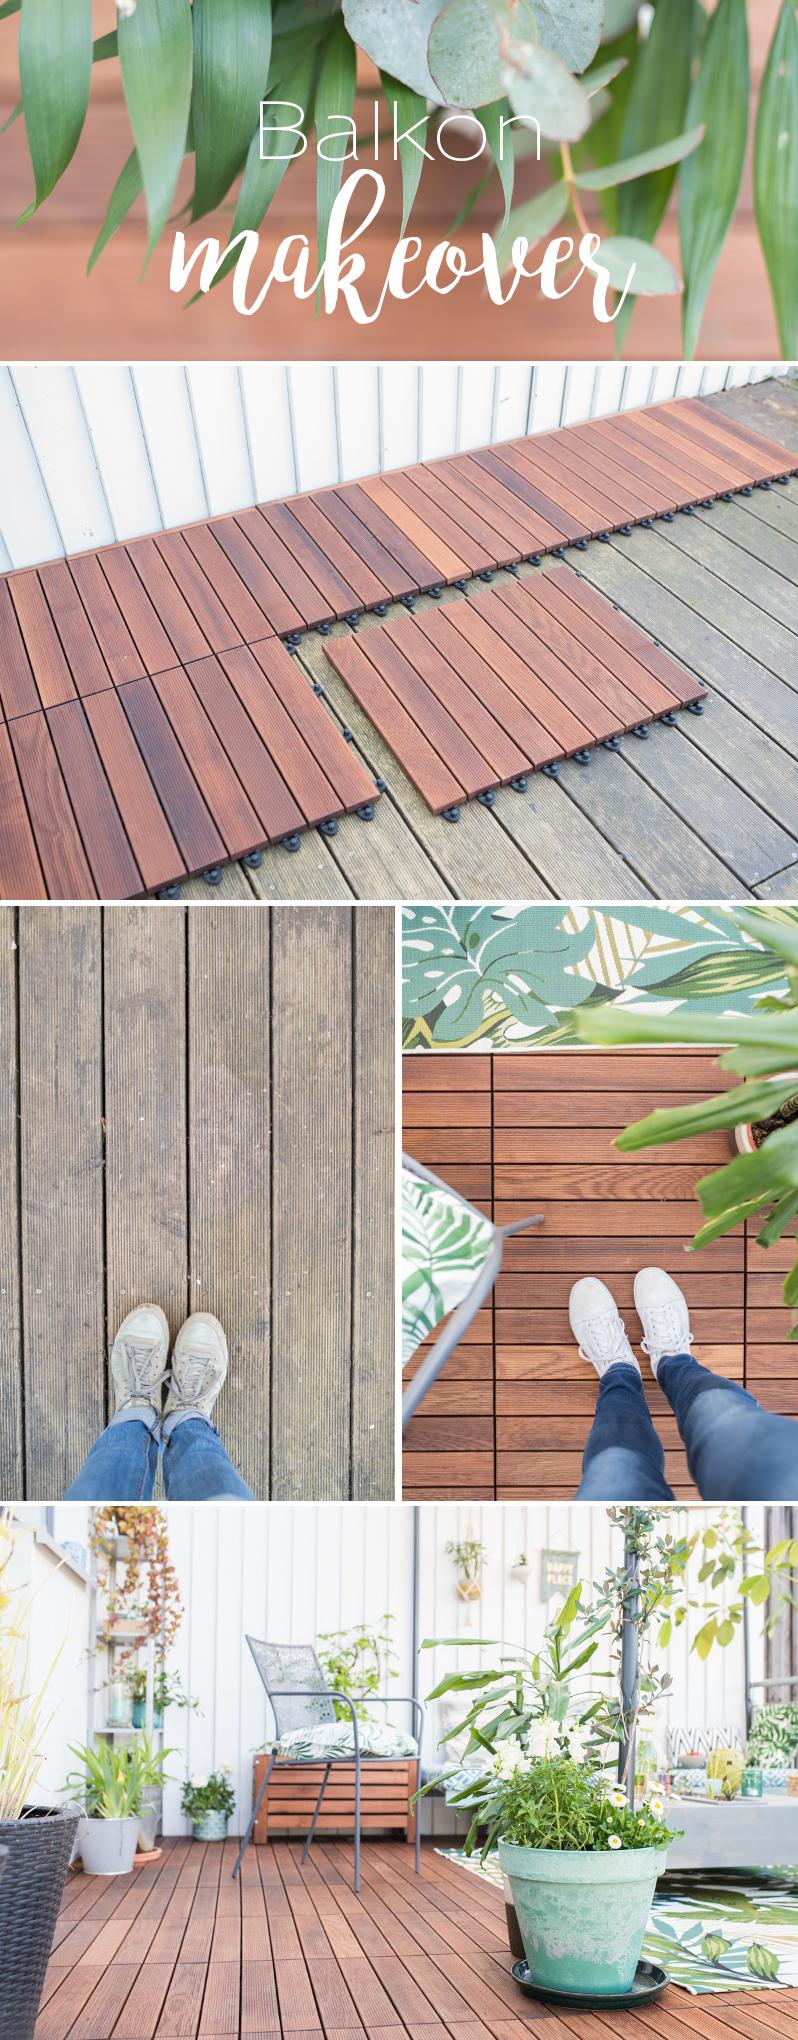 Neugestaltung eines Balkons im Botanik Look mit vorher nachher Bildern, neuem Fußboden aus Holz und grüner Deko im Dschungel Look